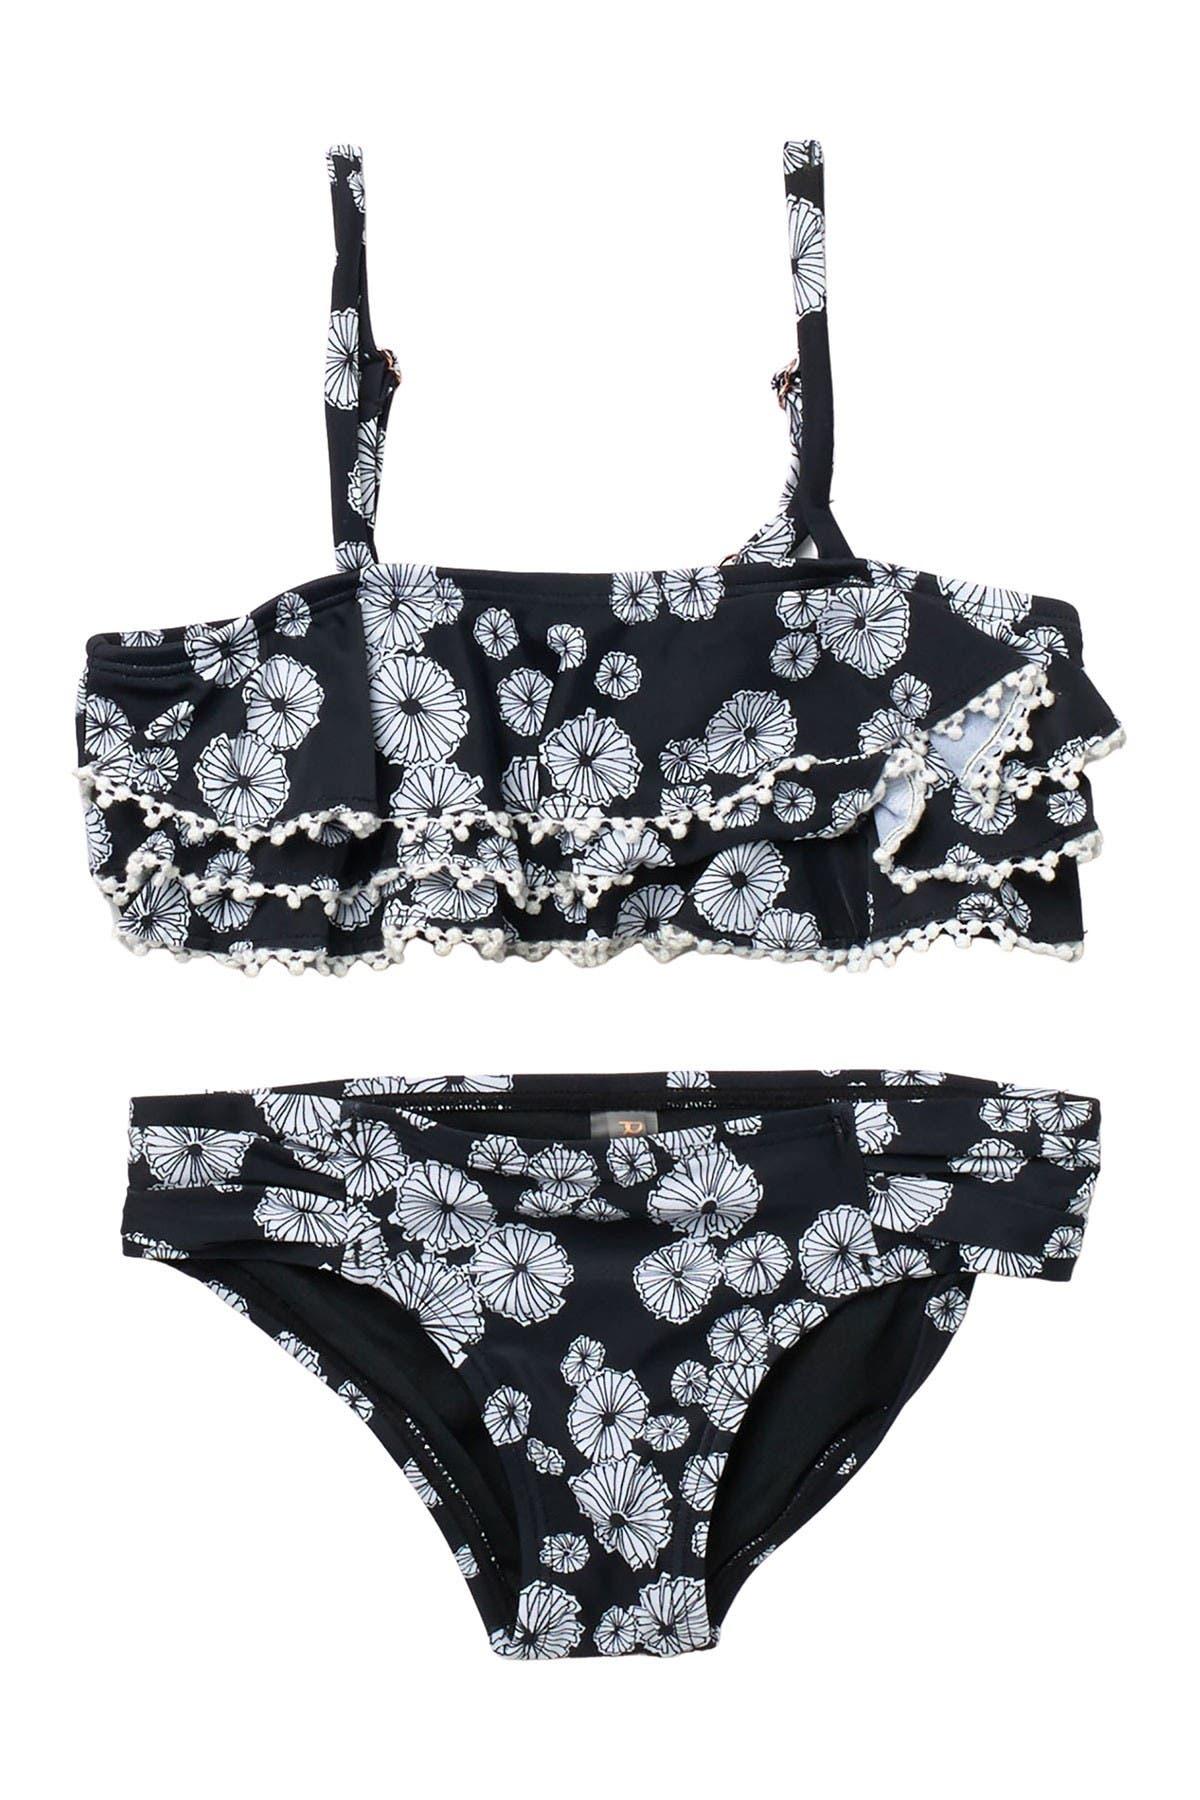 Image of RAISINS Turtle Bay Floral 2-Piece Swimsuit Set